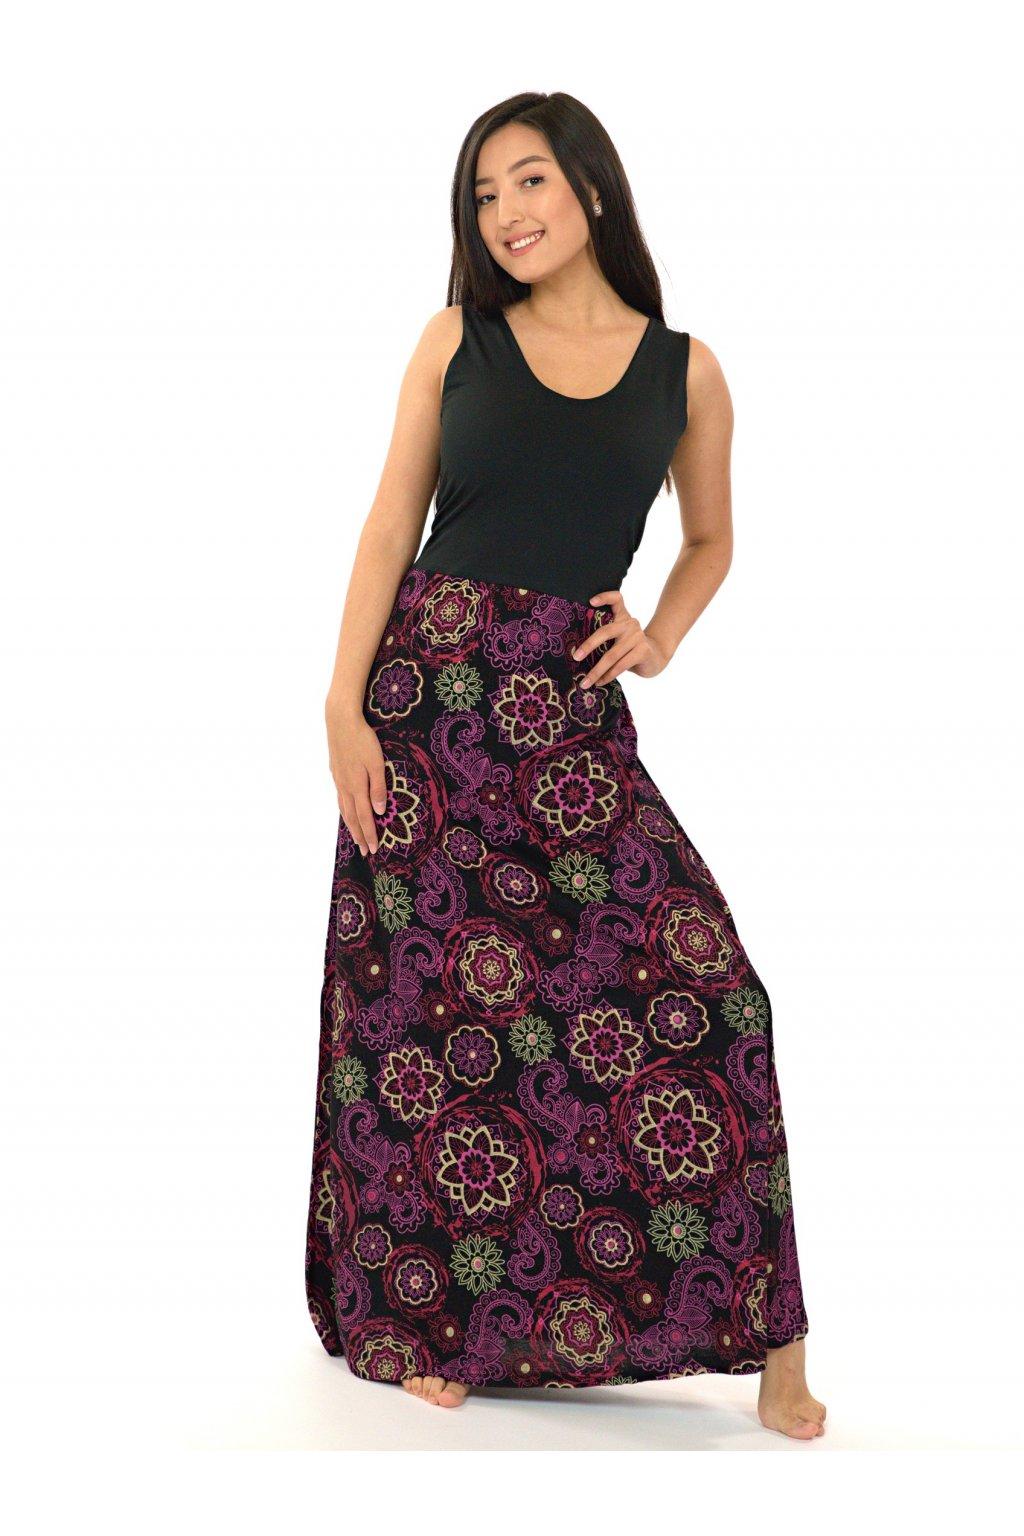 Dlouhé maxi šaty Kalimera - černá s růžovou